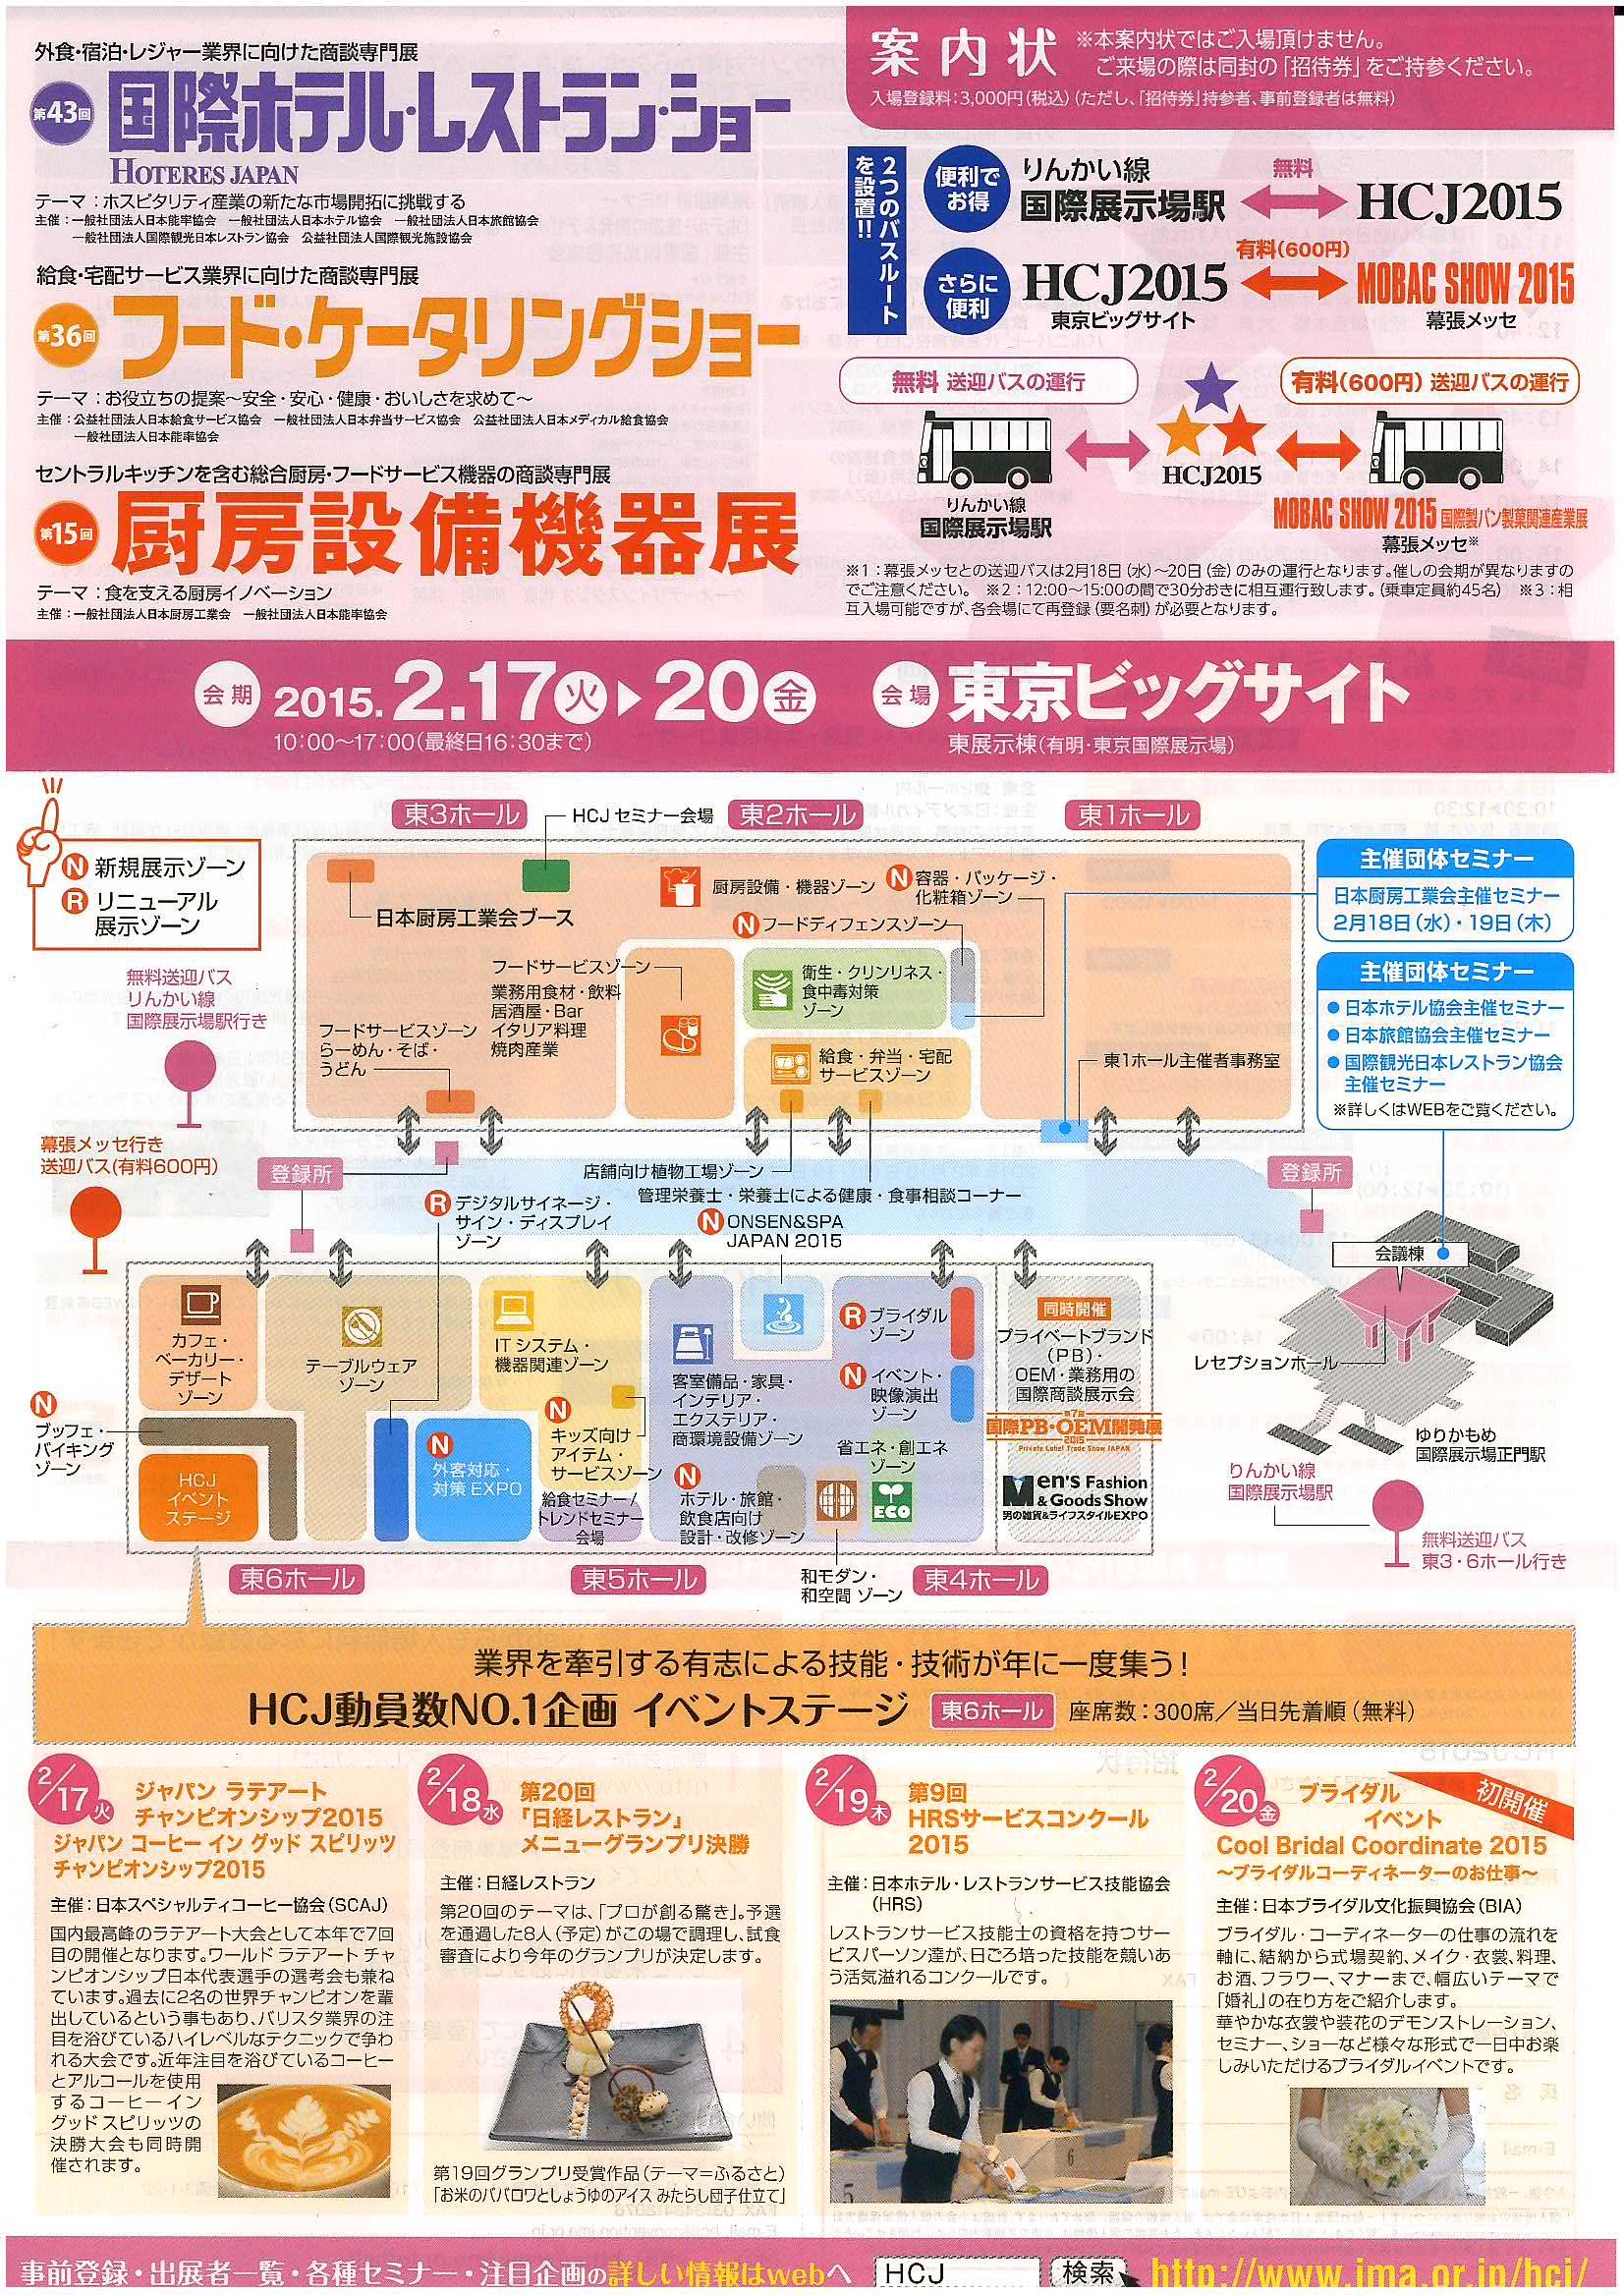 HCJ2015-東京ビッグサイト_ページ_1